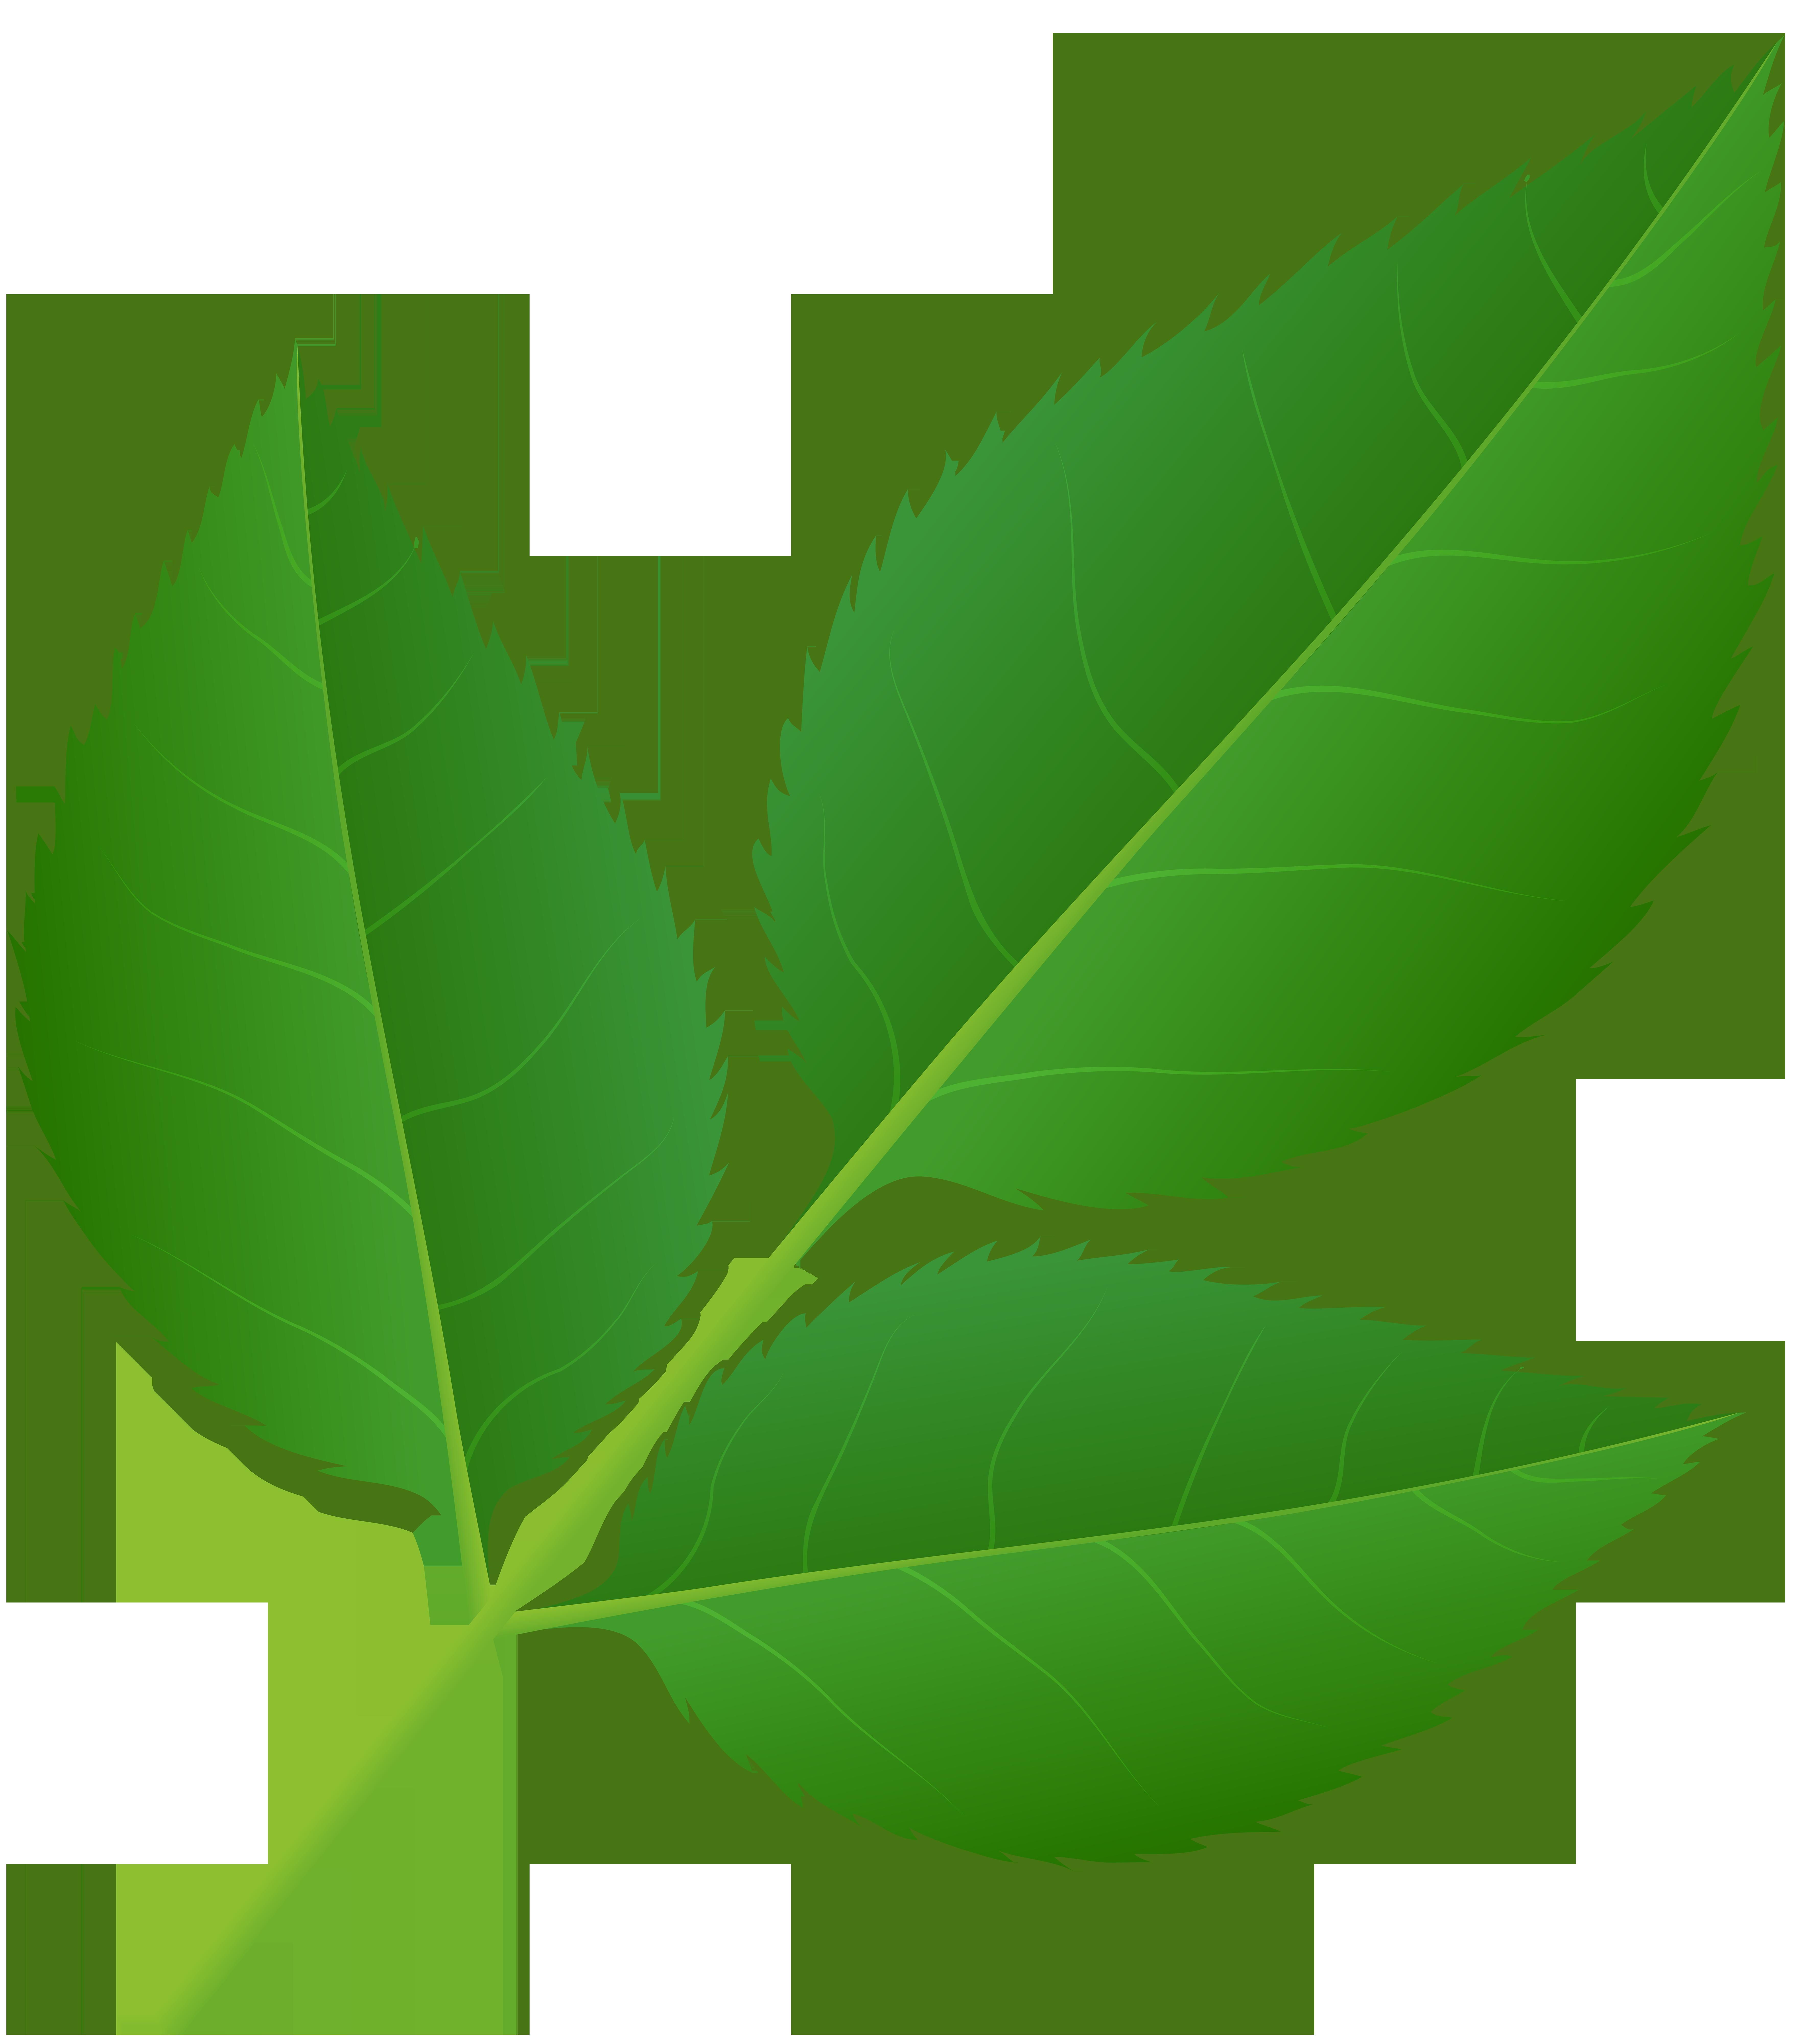 Leaves of Rose Stem Transparent PNG Clip Art Image.